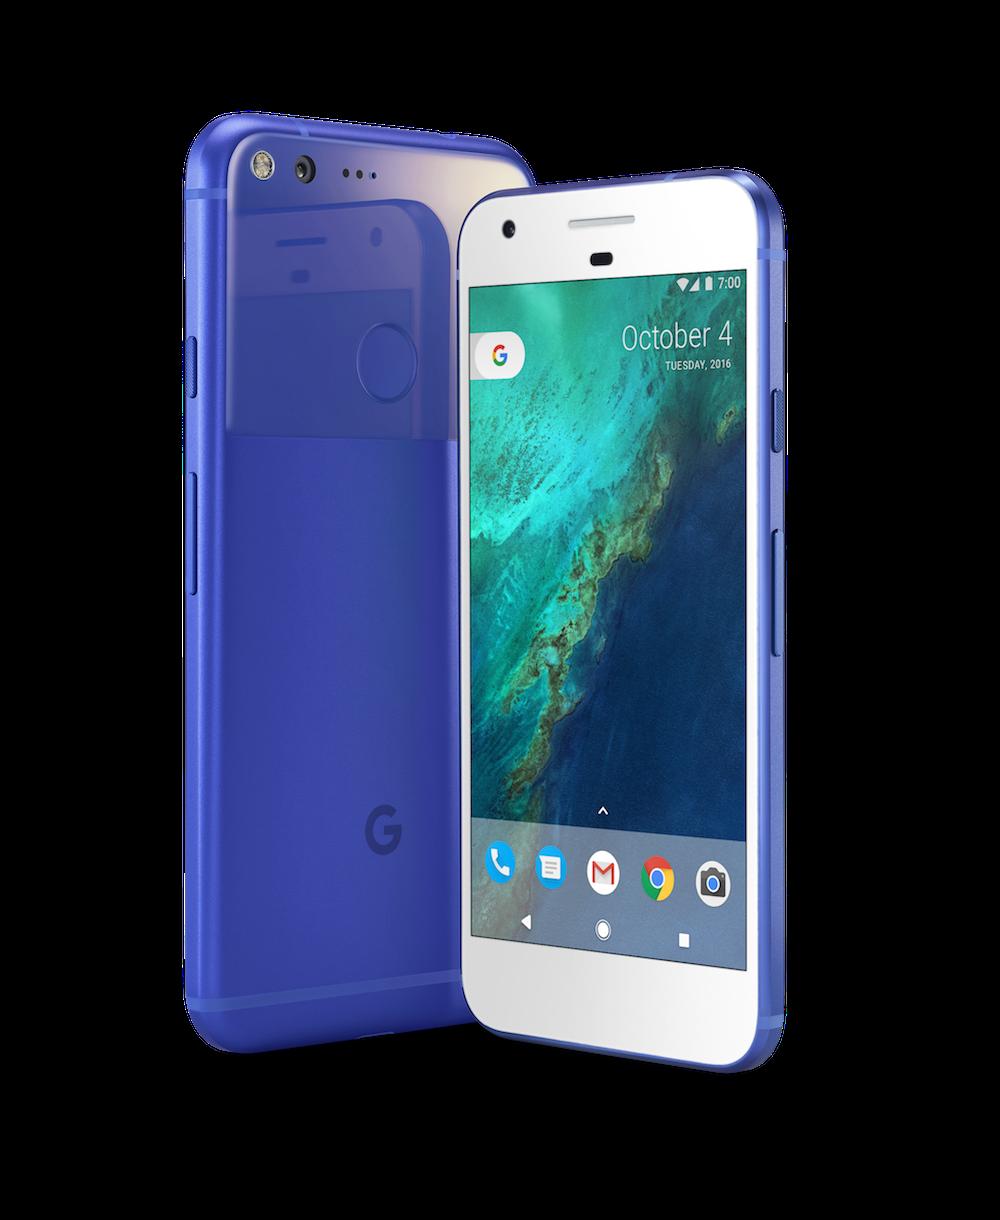 Il dialer dei Google Pixel funziona anche su alcuni smartphone con Android 6.0 (download apk)